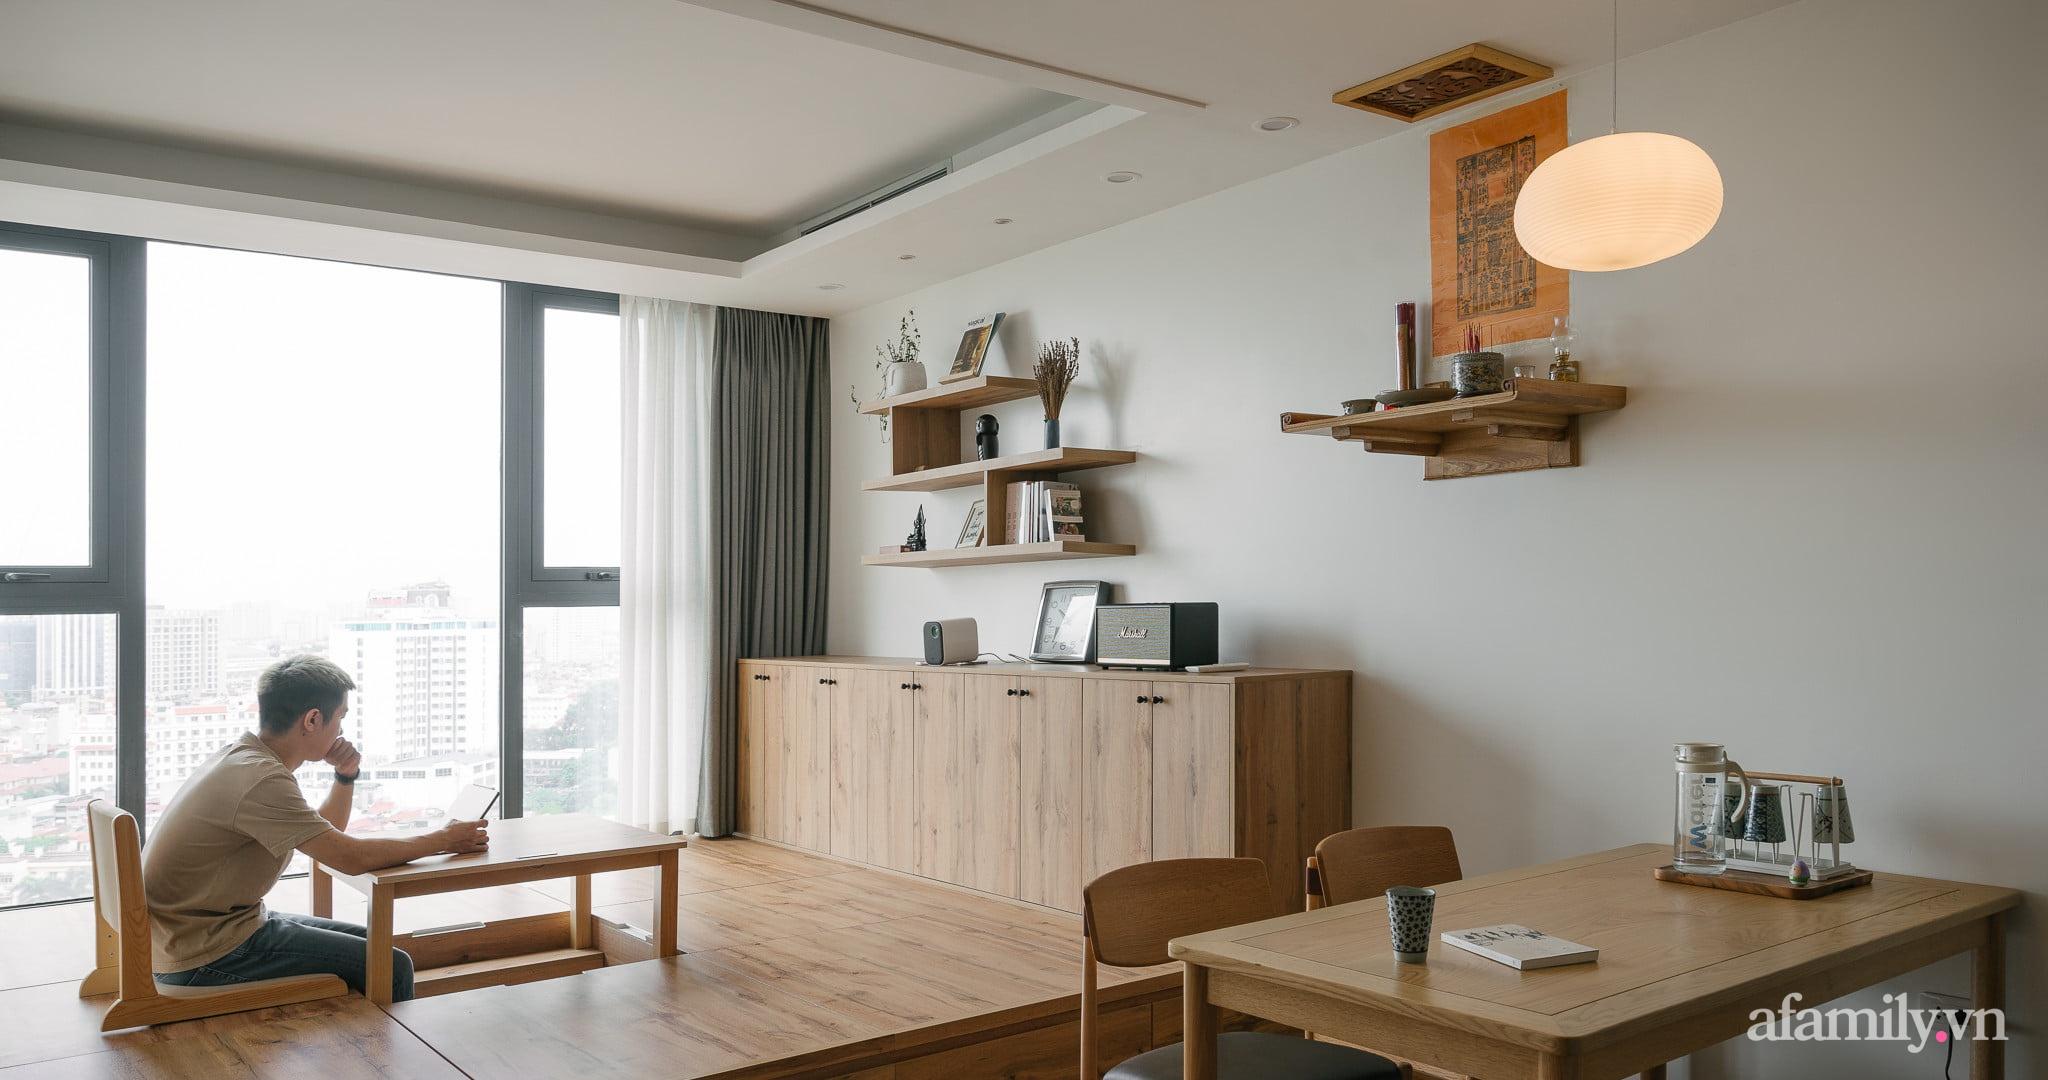 Sau 27 ngày cải tạo, chàng trai không nhận ra căn hộ 90m² của mình vì góc nào cũng xinh ở Giảng Võ, Hà Nội - Ảnh 2.